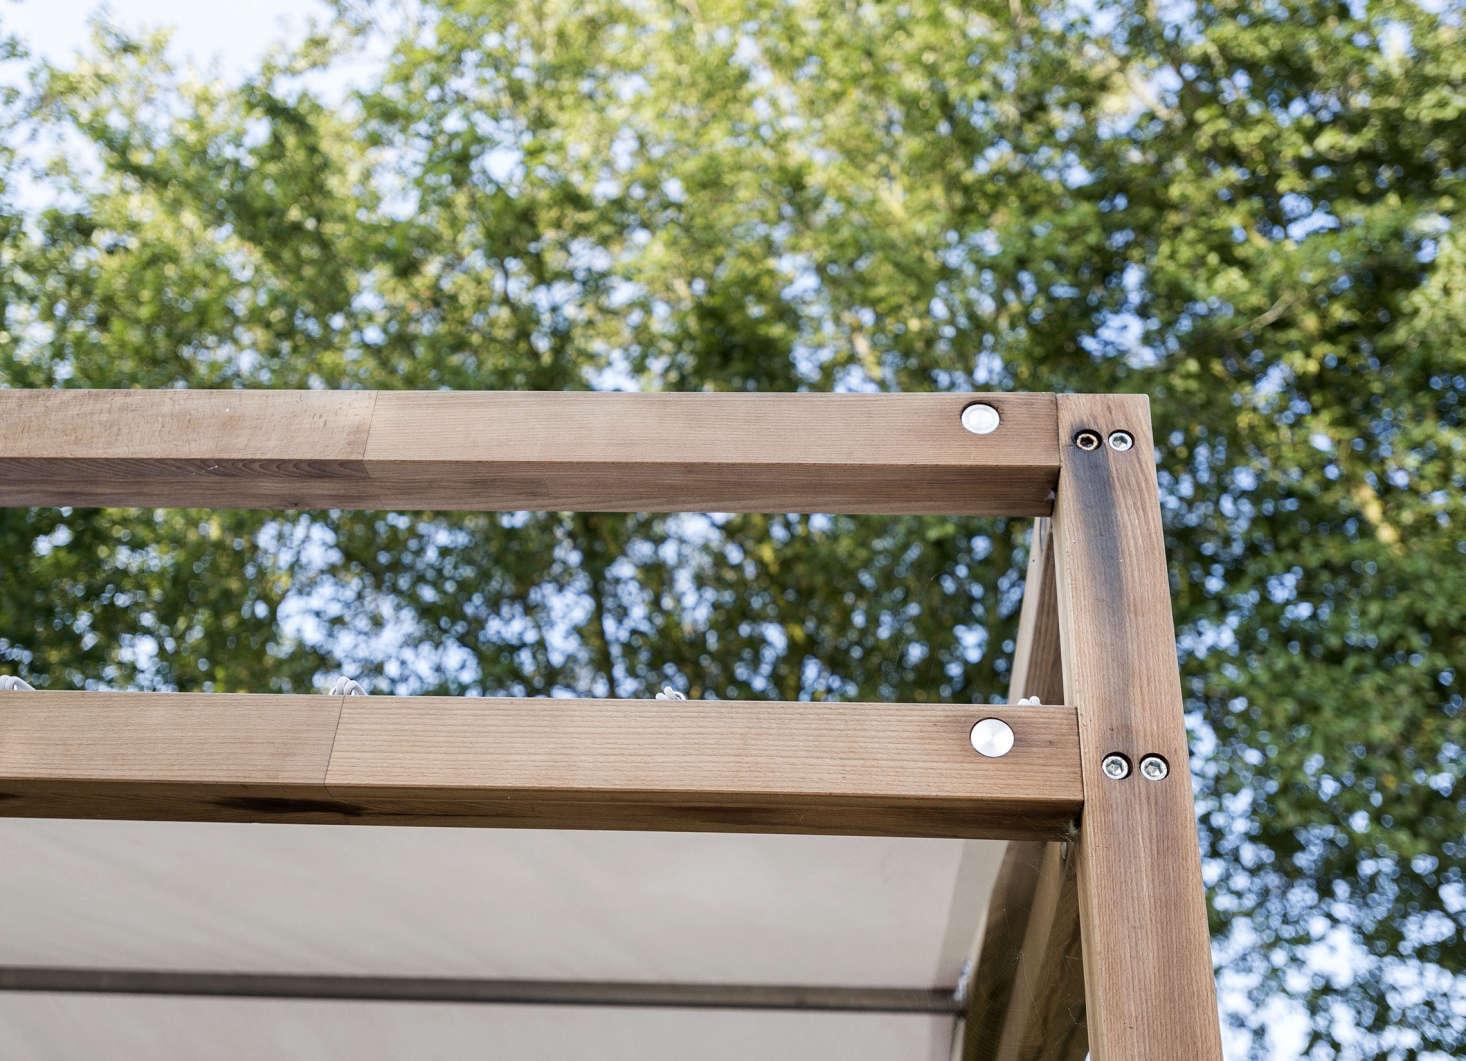 Outdoor Küche Wwoo : Wwoo outdoor küchen multifunktionelle outdoor küche wwoo gibt dem